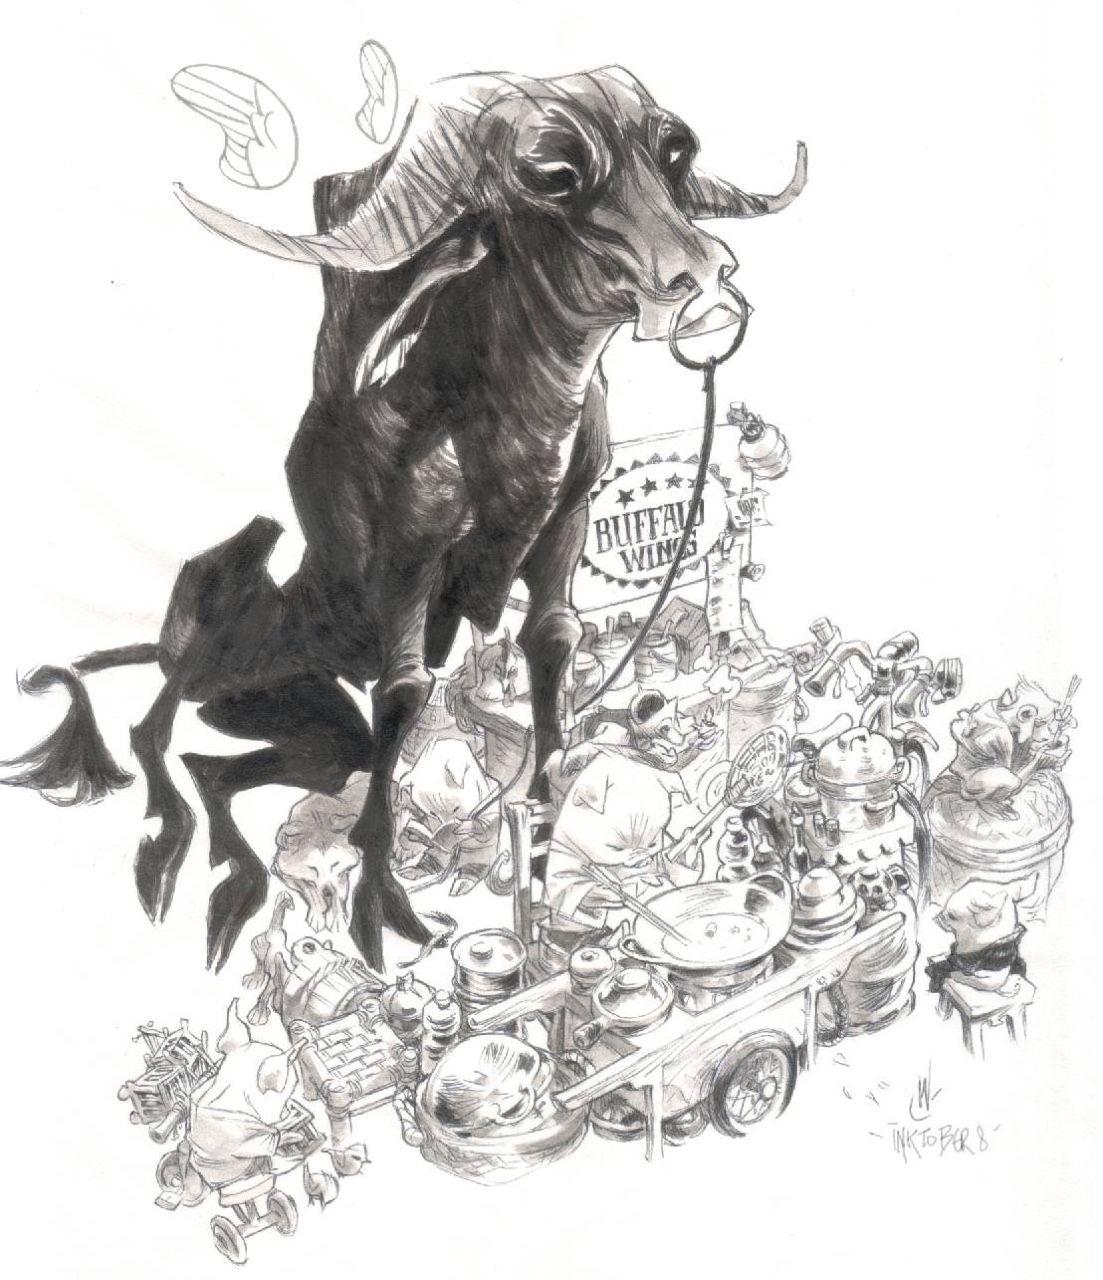 Inktober 8 buffalo wings ILLUSTRATION INSPIRATION